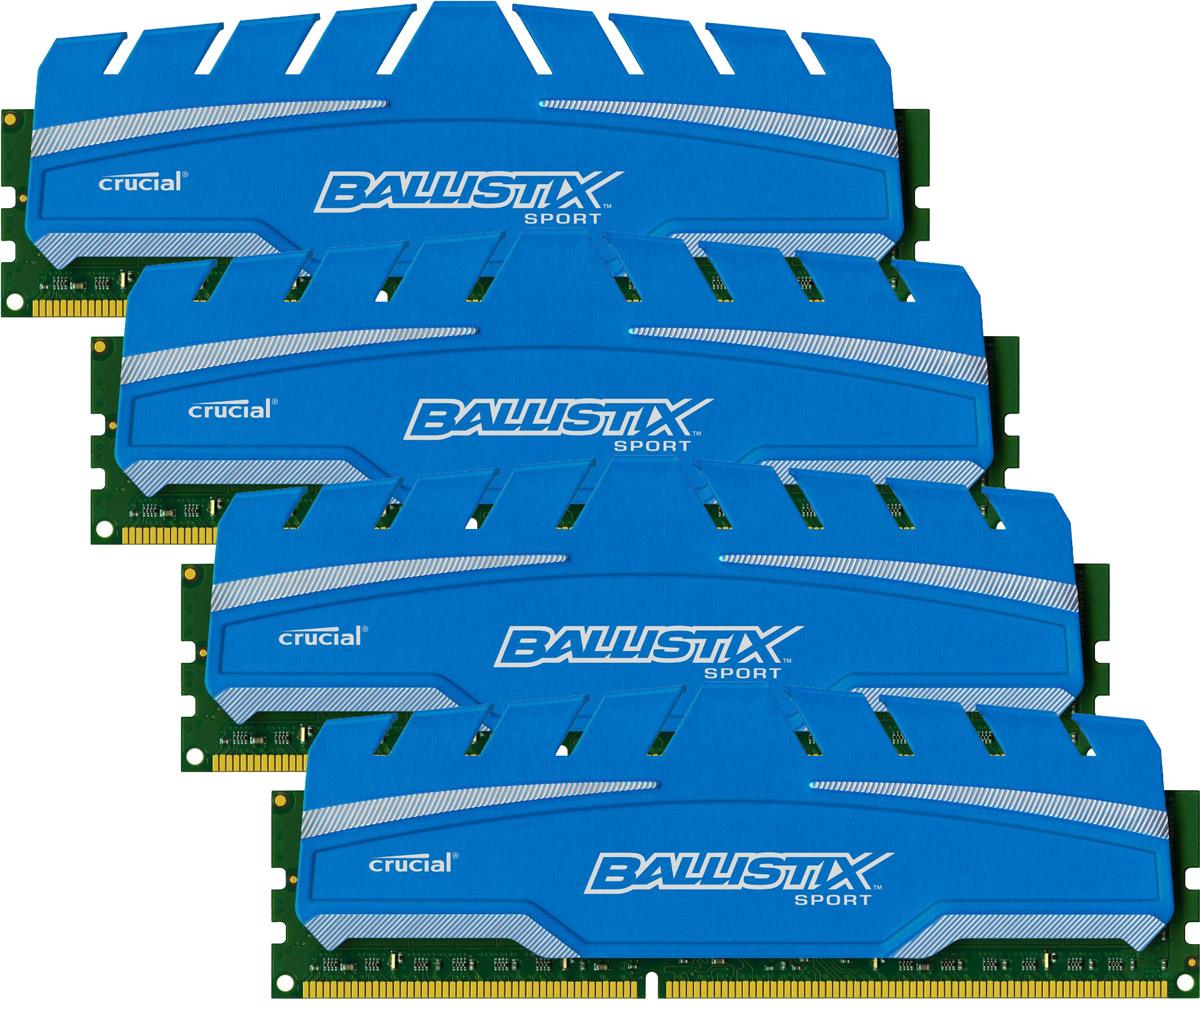 Crucial Ballistix Sport XT DDR3 4x8Gb 1866 МГц комплект модулей оперативной памяти (BLS4C8G3D18ADS3BEU)BLS4C8G3D18ADS3BEUМодули оперативной памяти Crucial Ballistix Sport XT типа DDR3 предоставляют качество работы, надежность и производительность, требуемую для современных компьютеров сегодня. Оснащены теплоотводом, выполненным из чистого алюминия, что ускоряет рассеяние тепла.Общий объем памяти составляет 32 ГБ, что позволит свободно работать со стандартными, офисными и профессиональными ресурсоемкими программами, а также современными требовательными играми. Работа осуществляется при тактовой частоте 1866 МГц и пропускной способности, достигающей до 14900 Мб/с, что гарантирует качественную синхронизацию и быструю передачу данных, а также возможность выполнения множества действий в единицу времени. Параметры тайминга 10-10-10-30 гарантируют быструю работу системы. Имеется поддержка XMP для удобного разгона в автоматическом режиме.